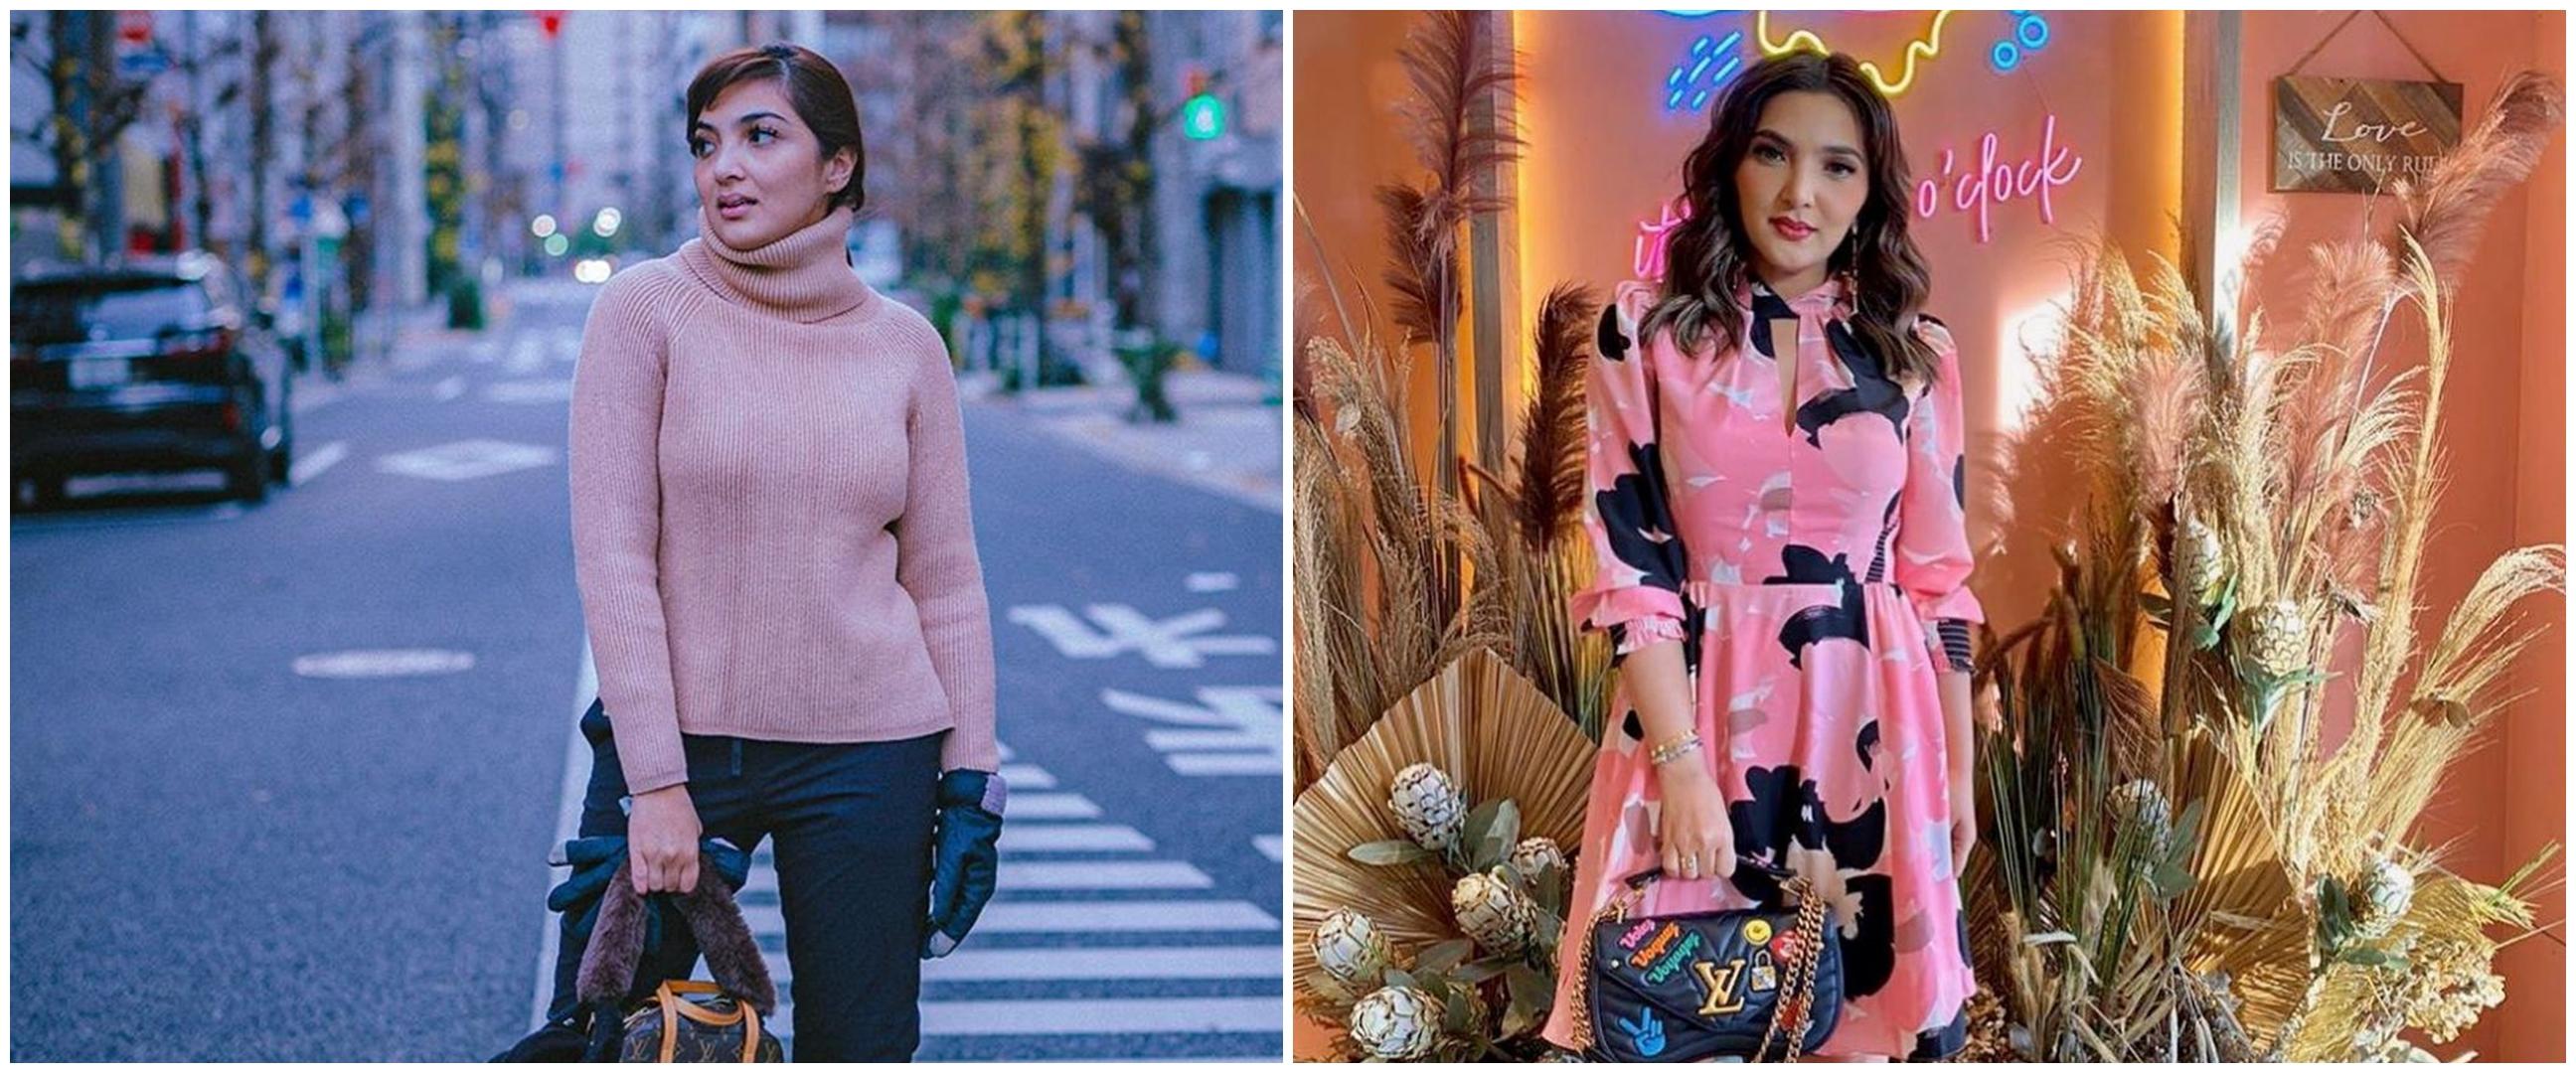 Tampil pakai outfit neon pink, Ashanty disebut mirip Alda Risma